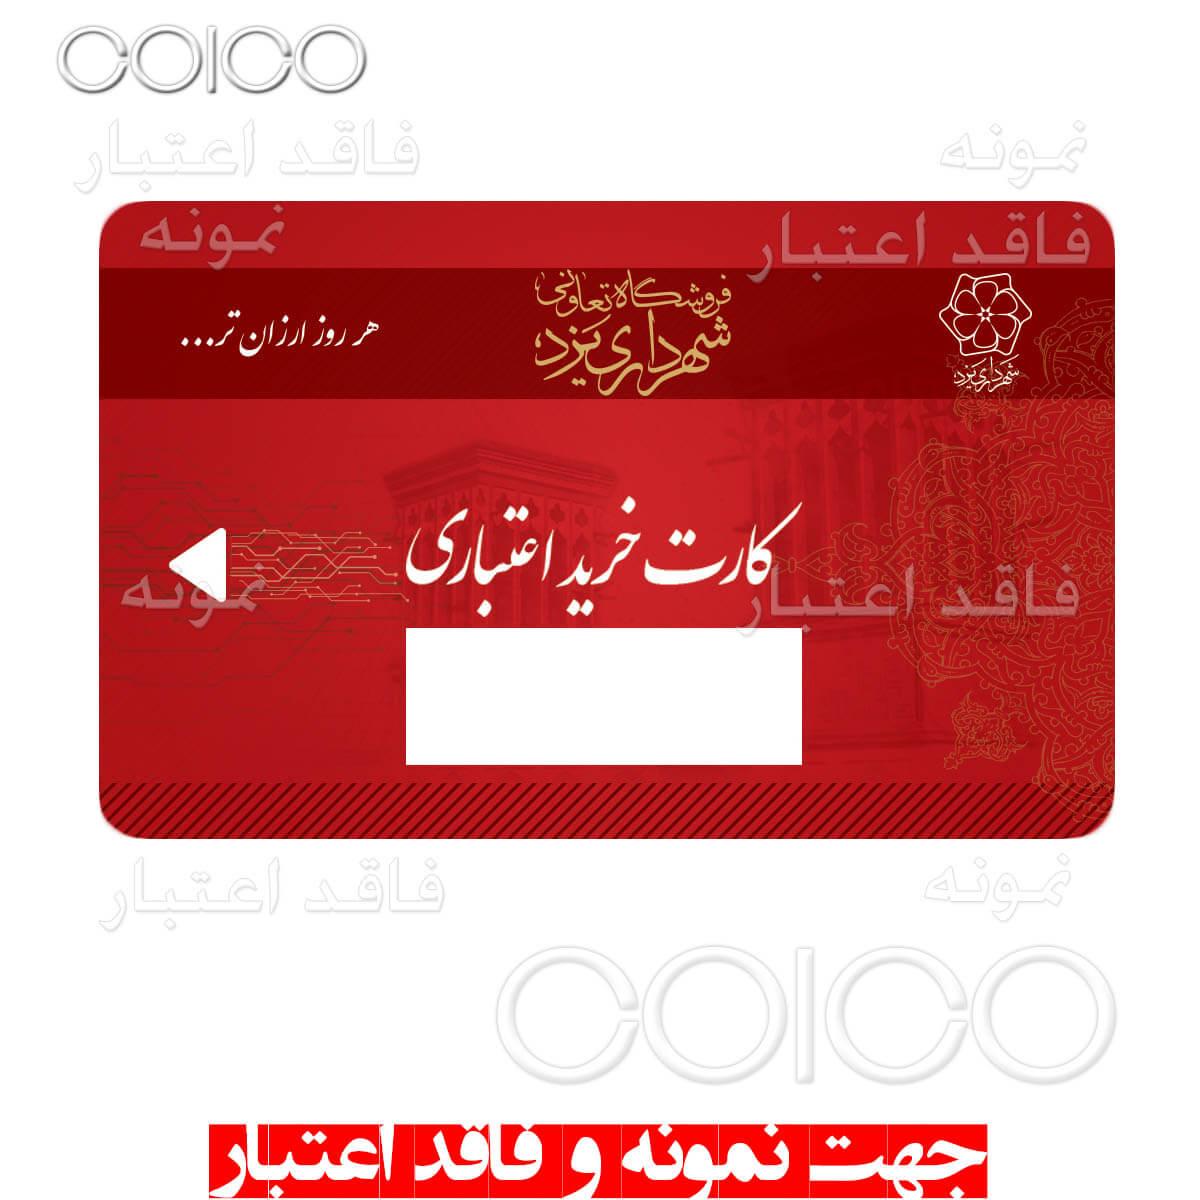 دستگاه چاپ کارت بانکی